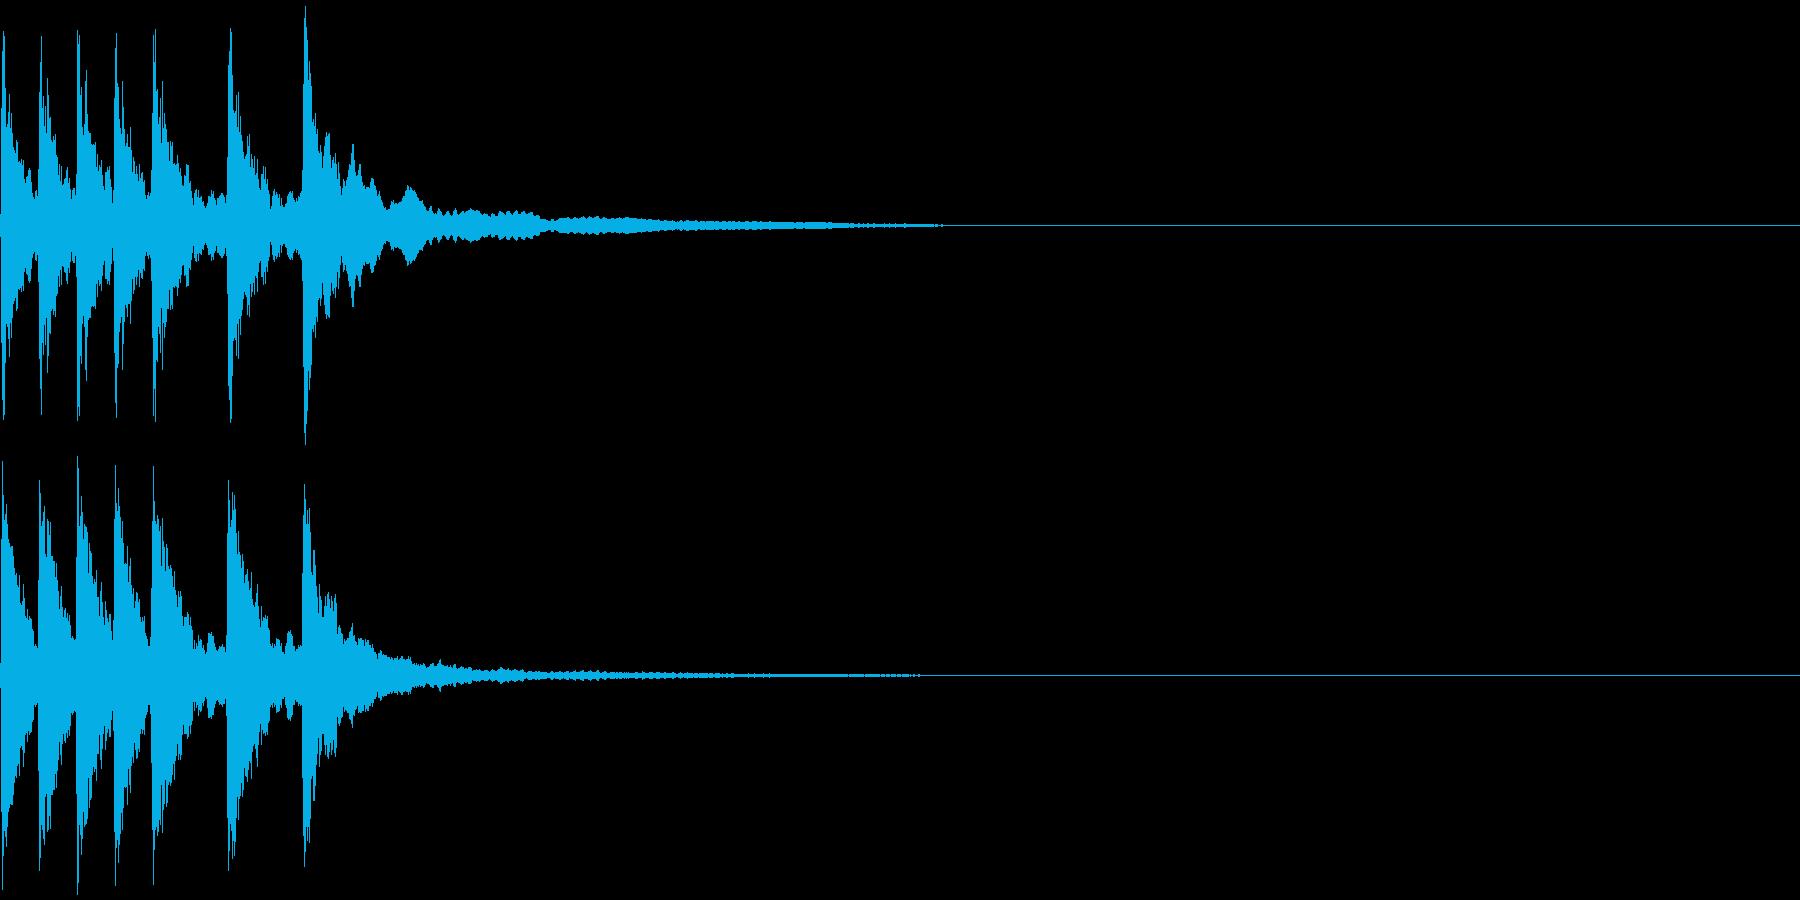 シンプルなジングルその4 中華風?の再生済みの波形